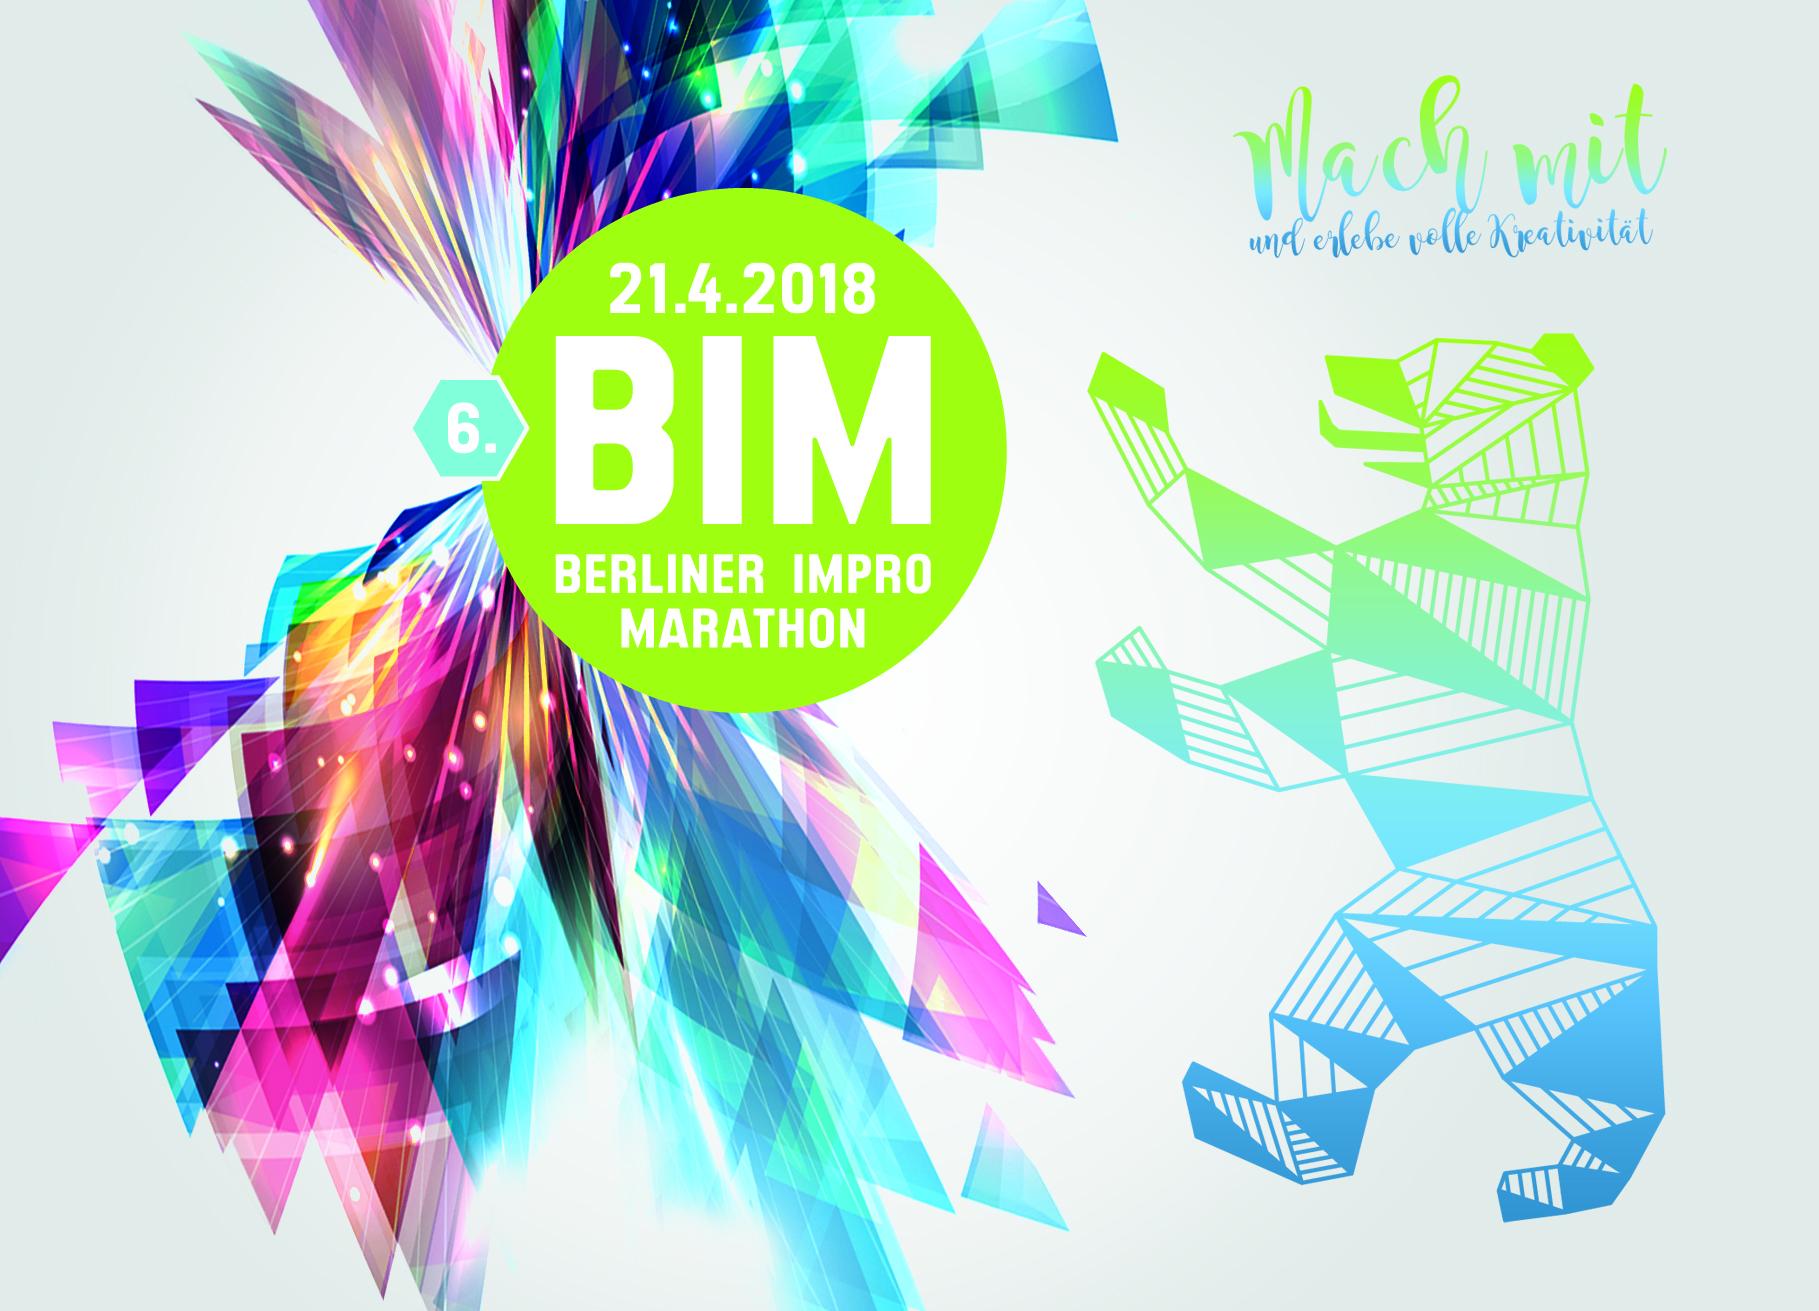 6. Berliner Impro Marathon